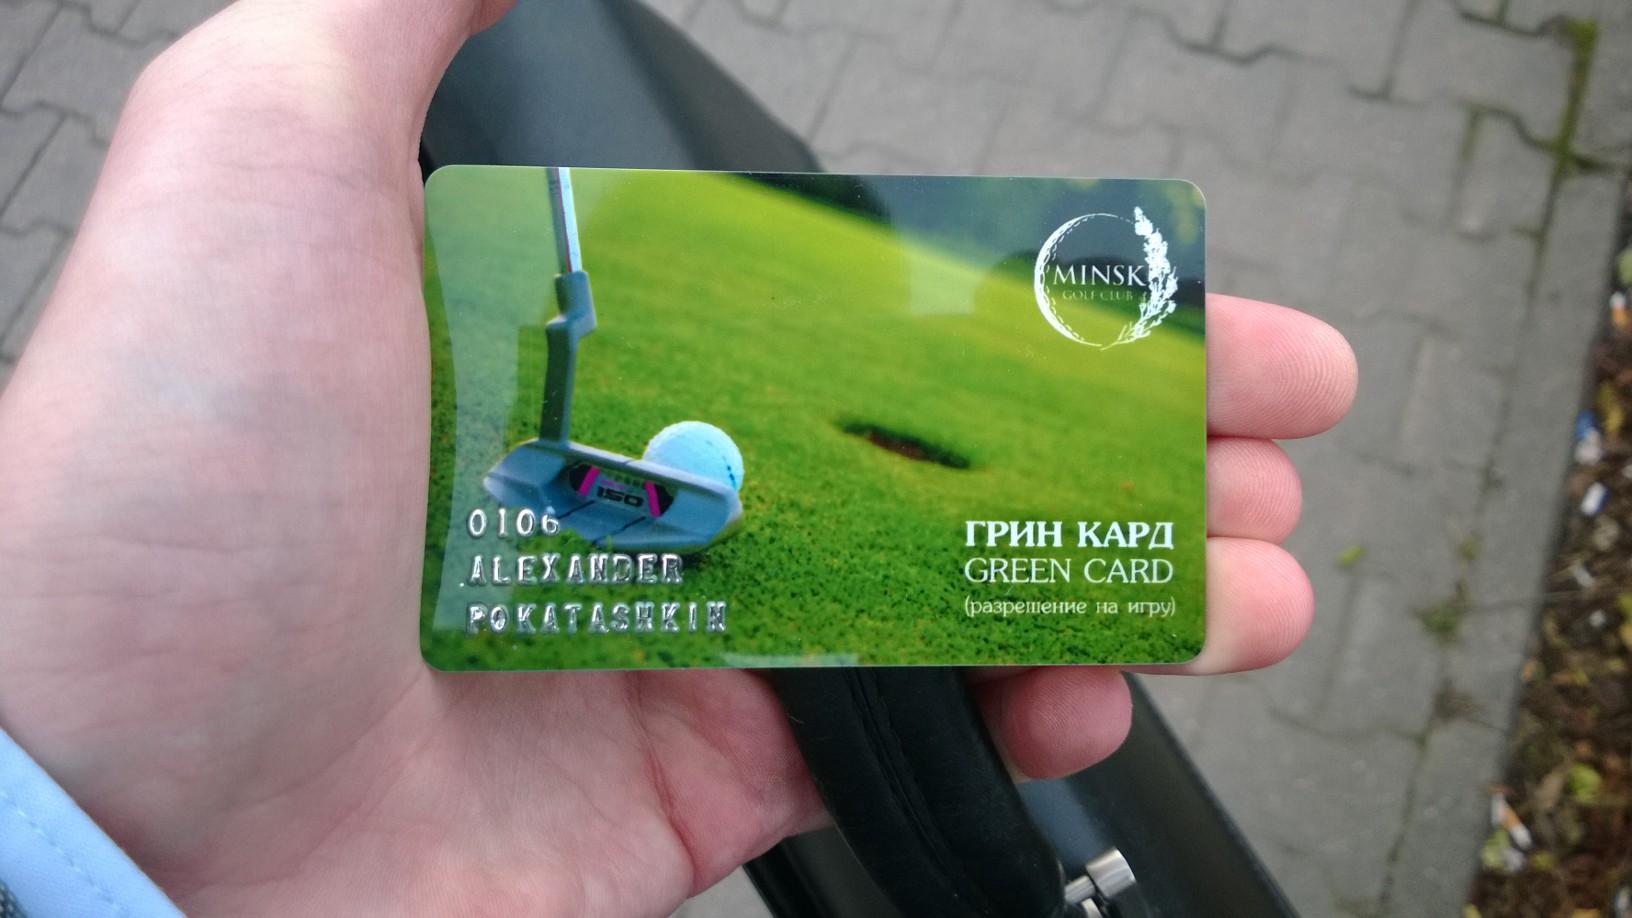 Гольф: получил Грин Кард (Green Card)